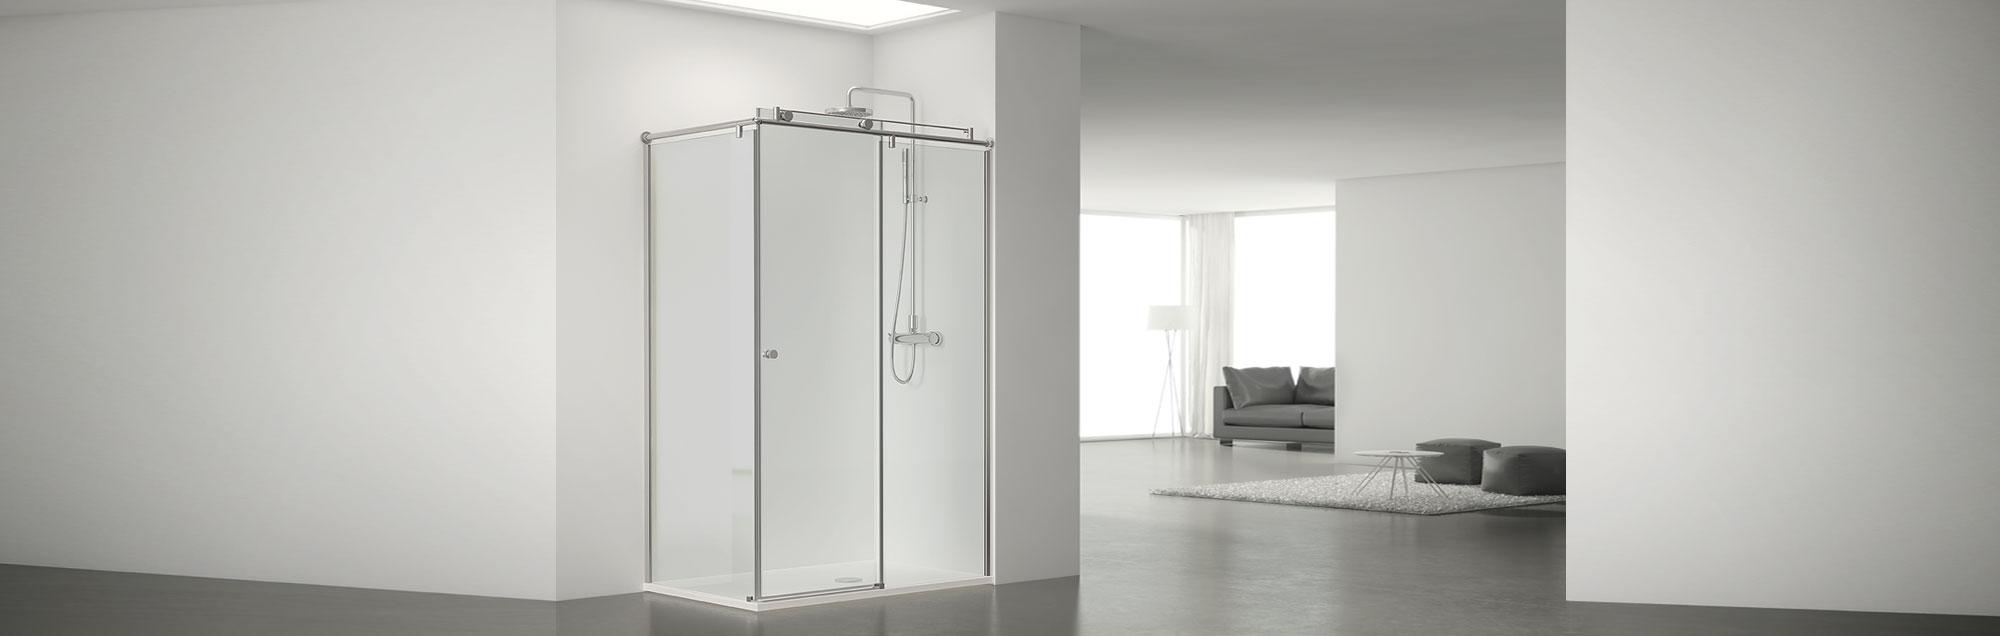 Serie Steel de mamparas correderas de bañera a medida